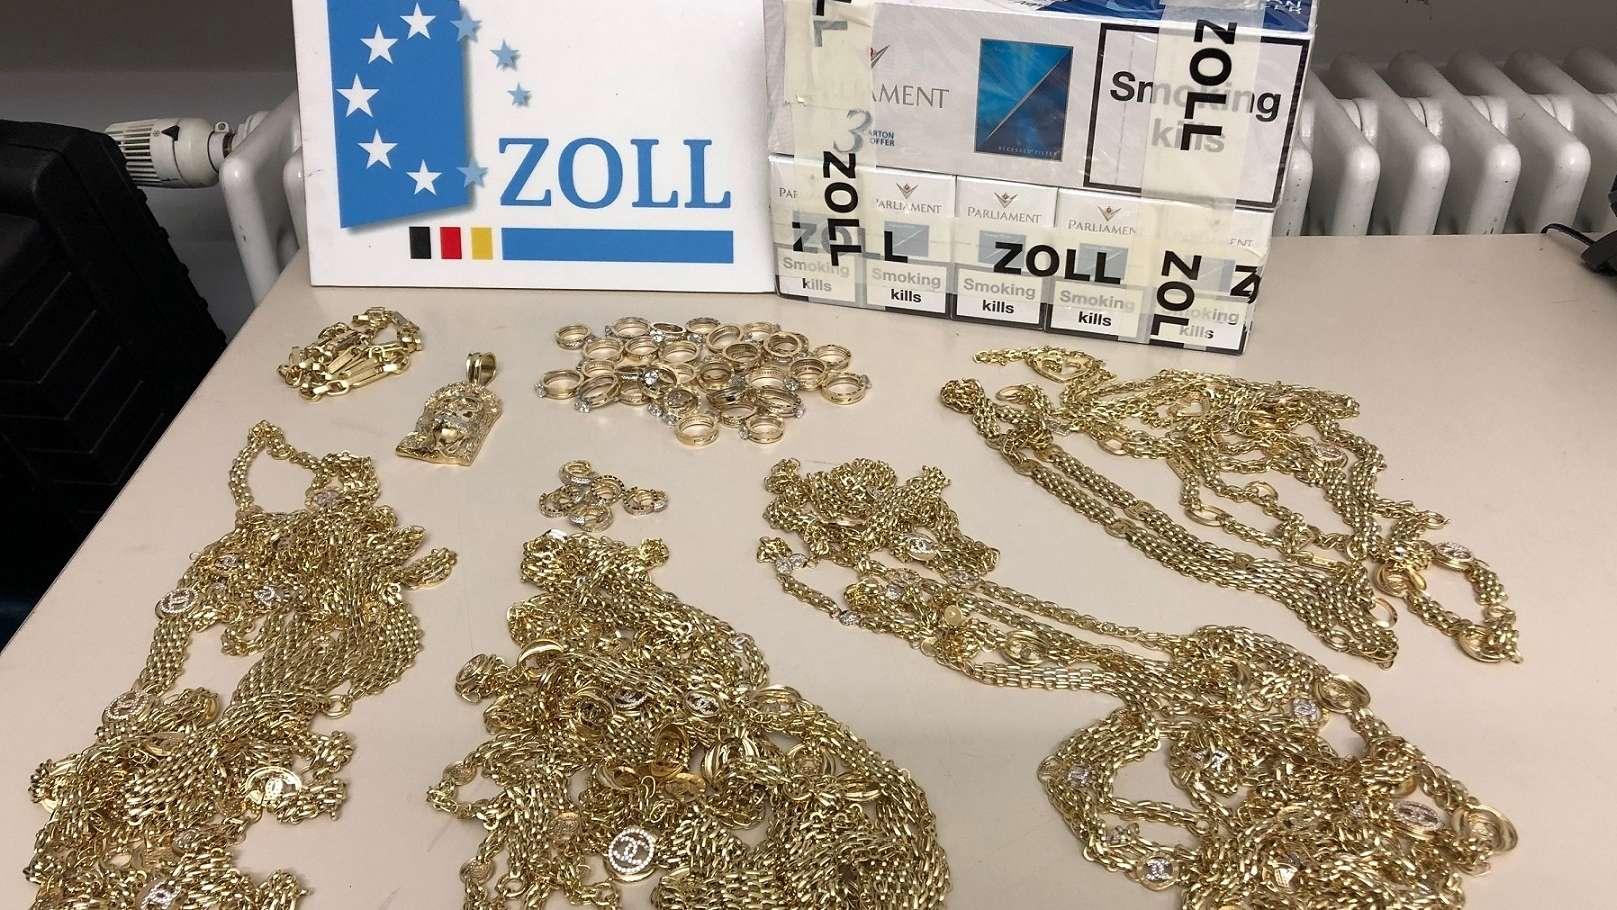 Zöllner fanden in einem Lkw Goldschmuck und Zigaretten im Wert von mehreren Tausend Euro.